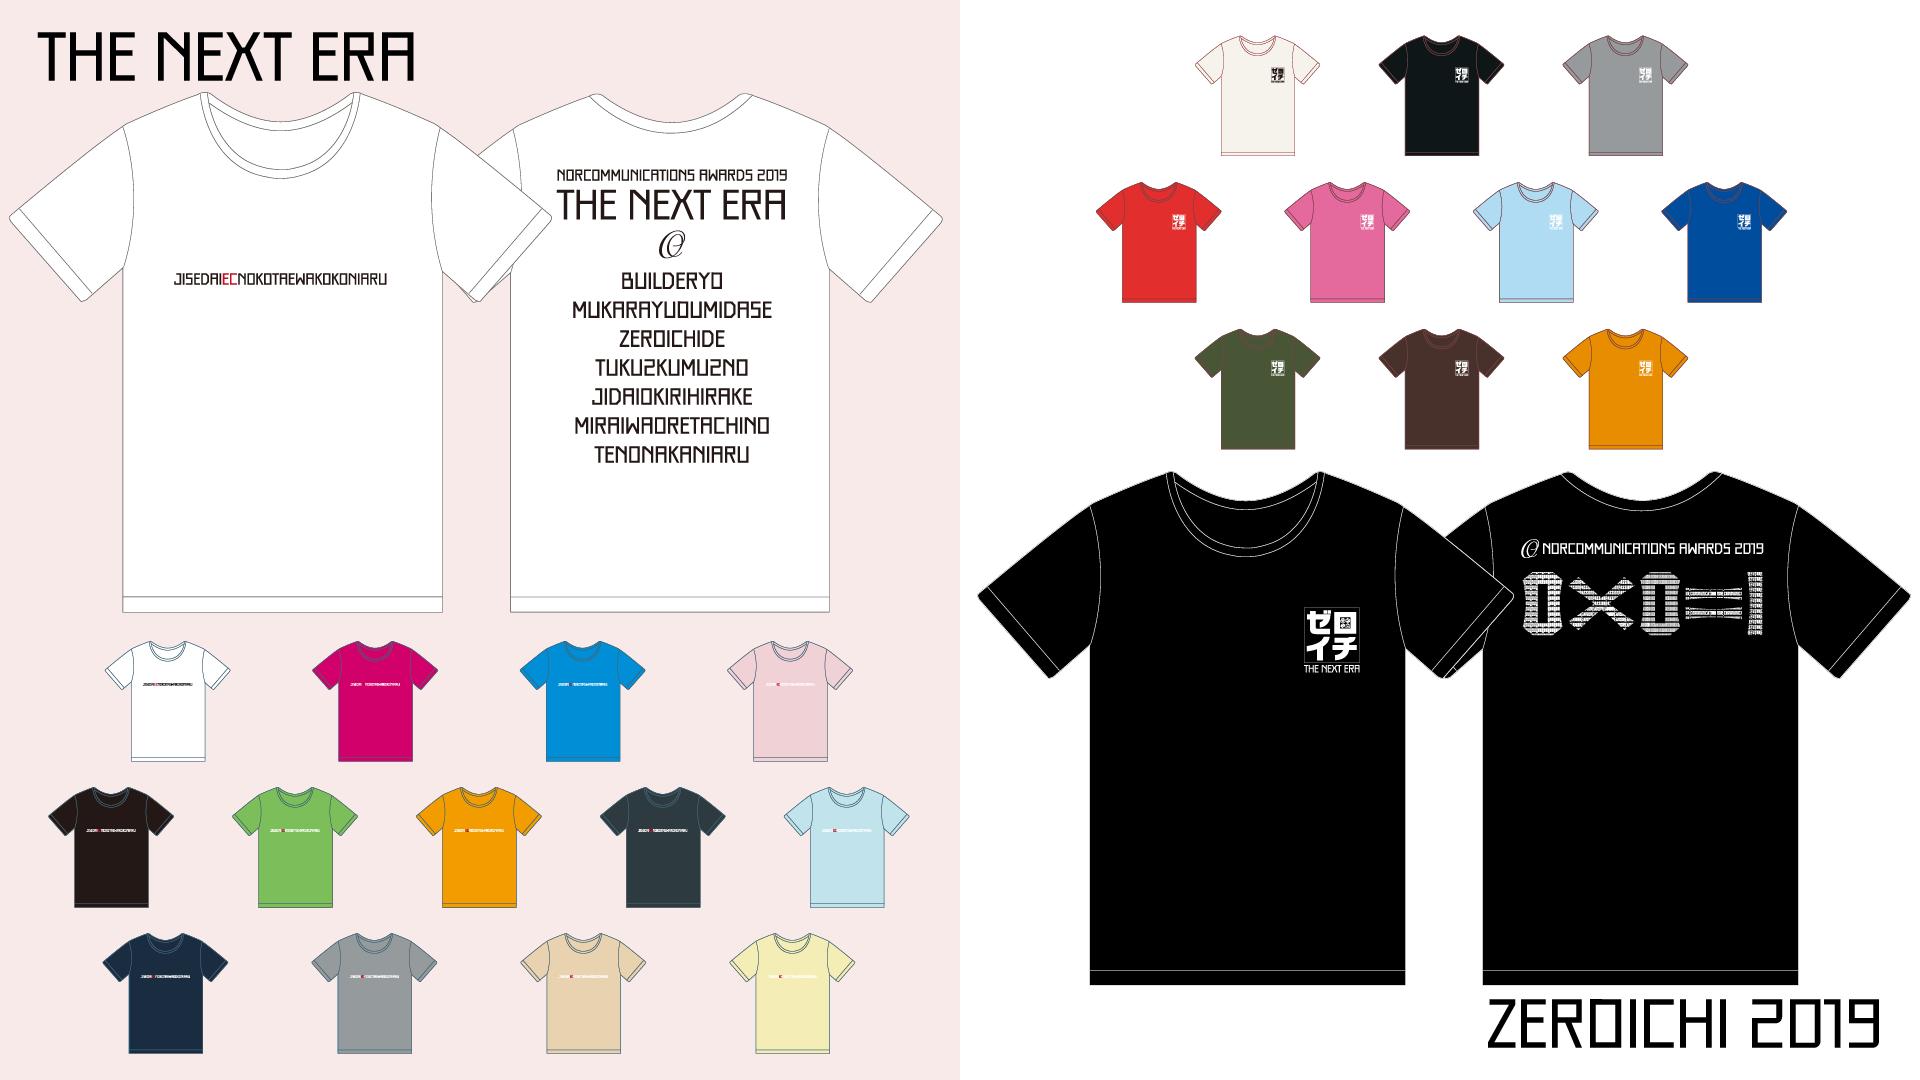 ノアコミュニケーションズアワード2019「THE NEXT ERA」記念Tシャツ+ゼロイチ2019Tシャツ